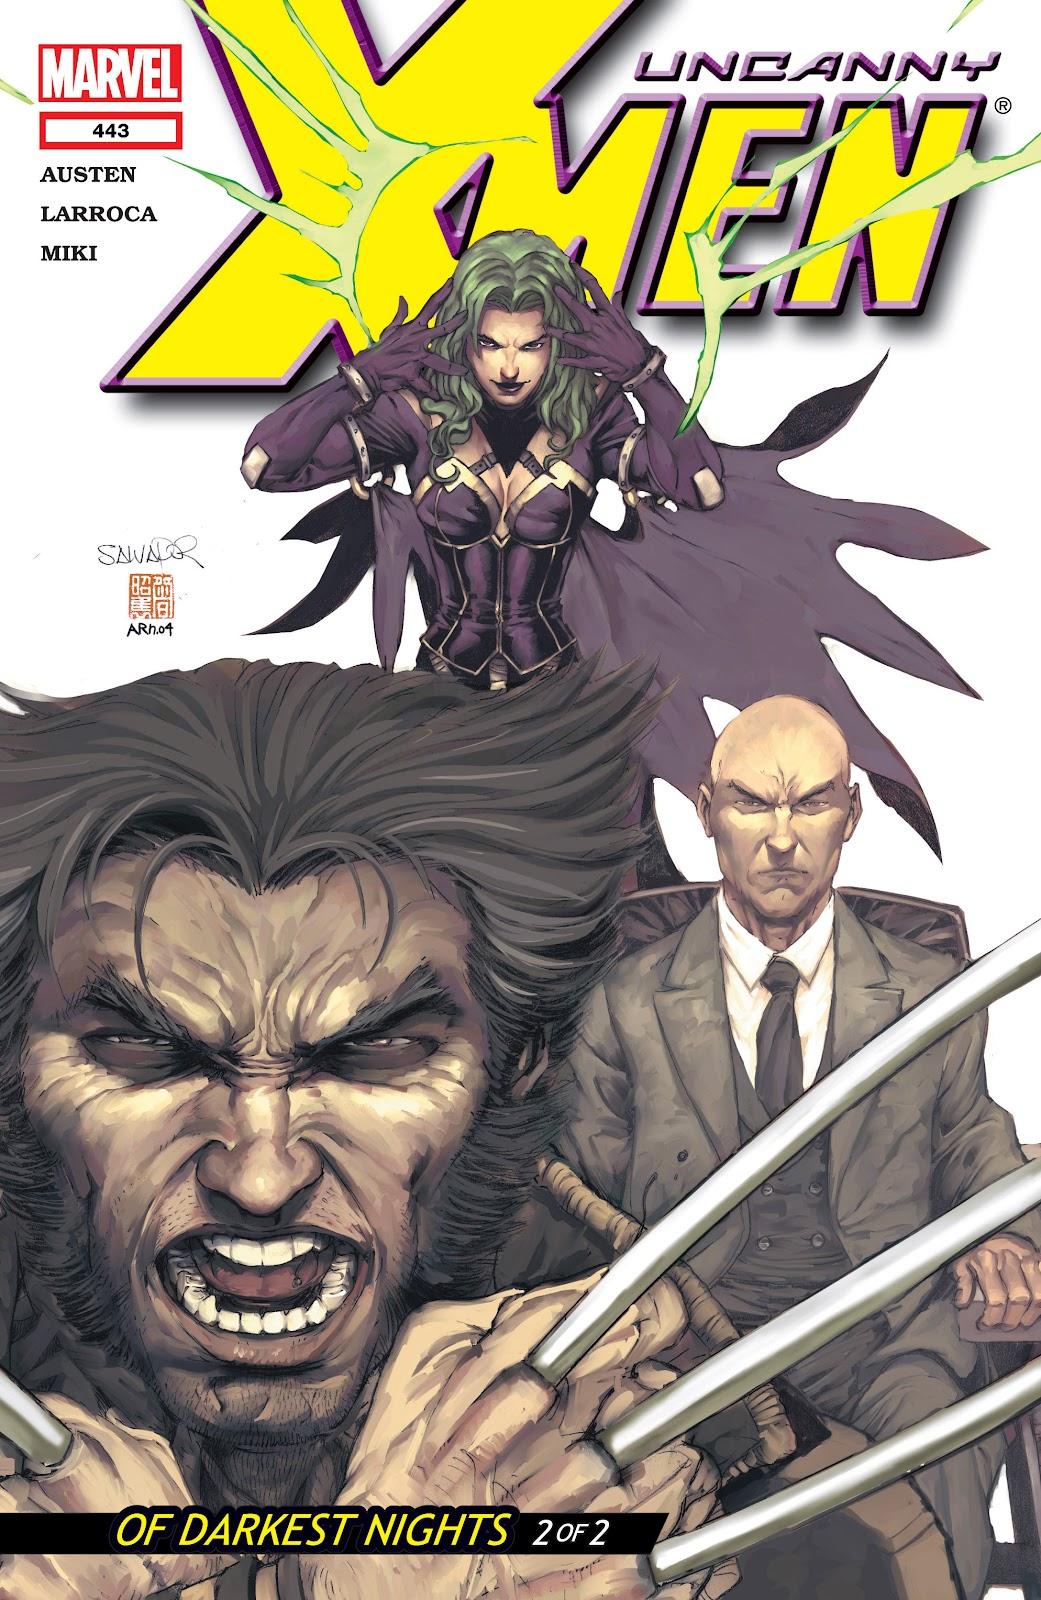 Uncanny X-Men (1963) 443 Page 1